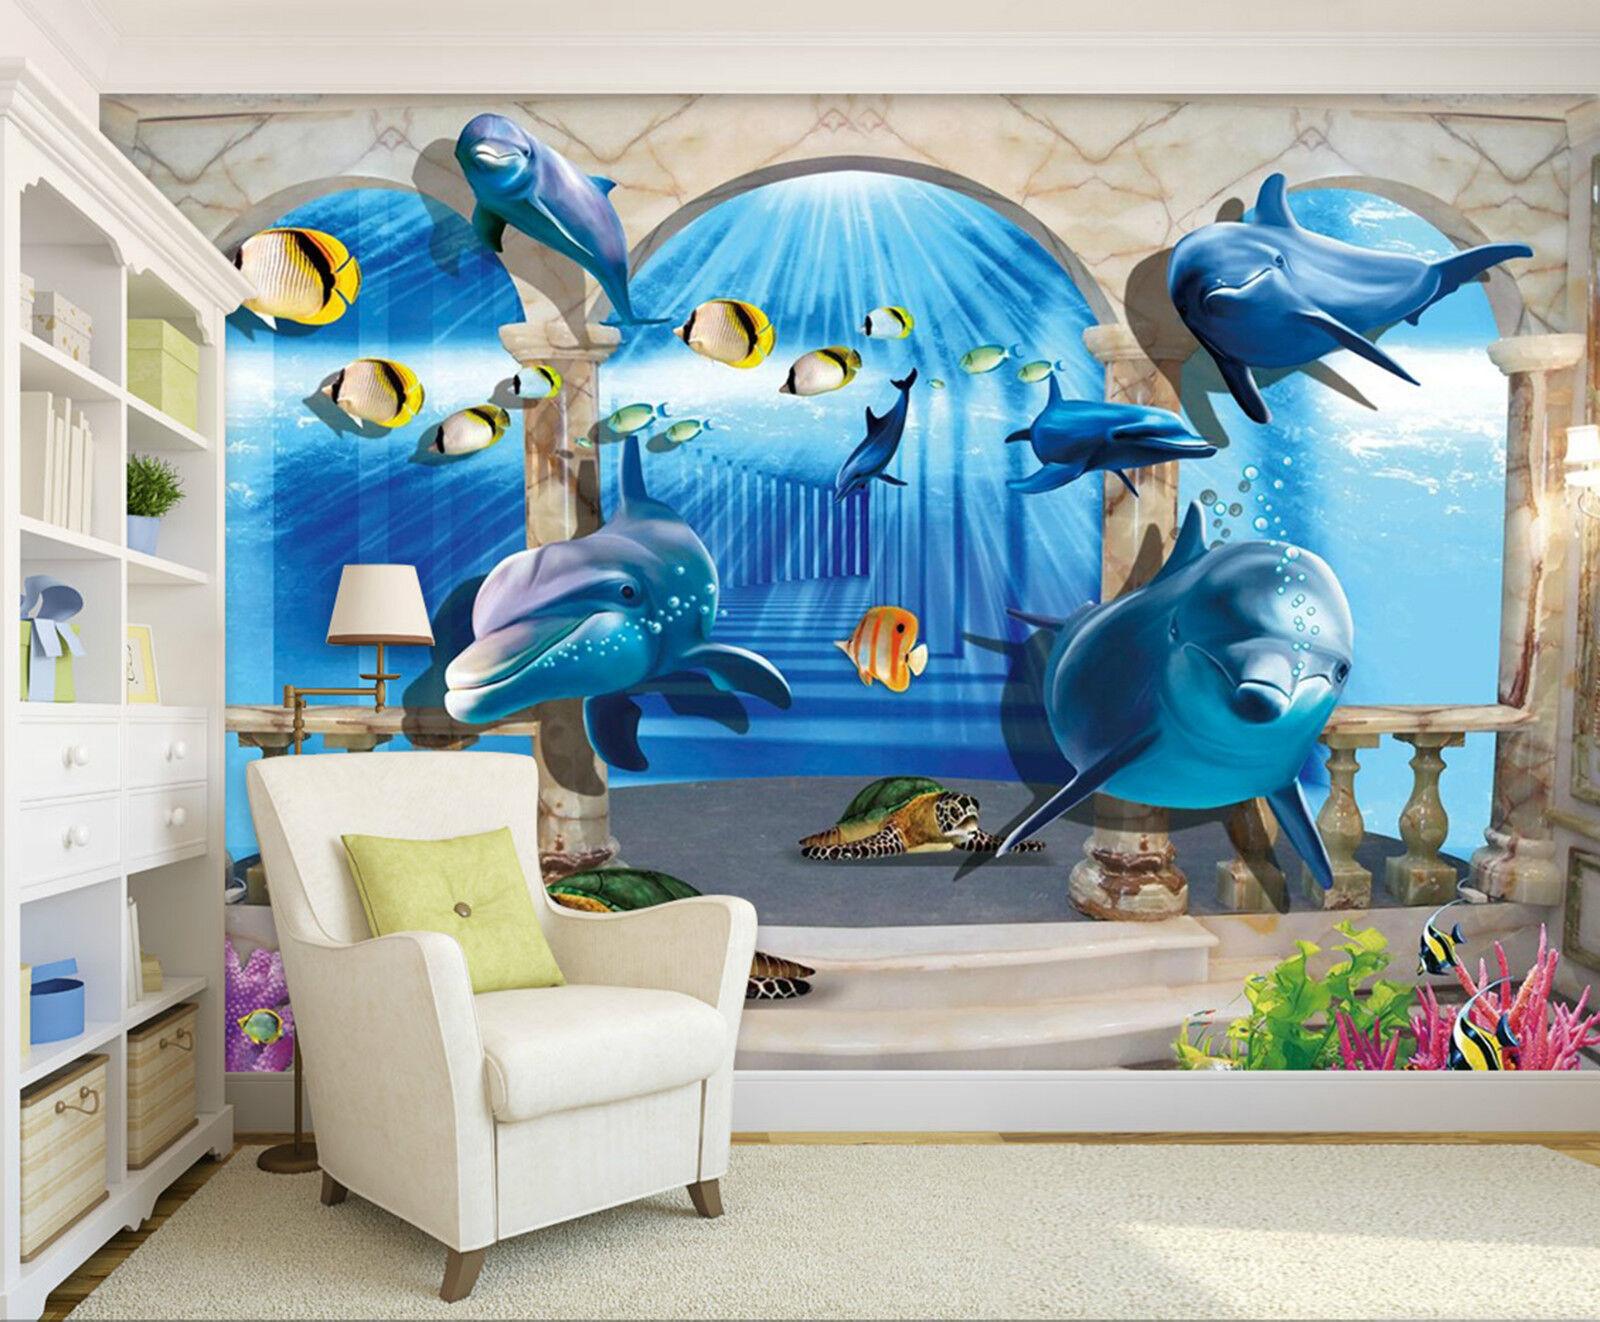 3D Dem Fenster 686 Fototapeten Wandbild Fototapete Bild Tapete Familie Kinder DE